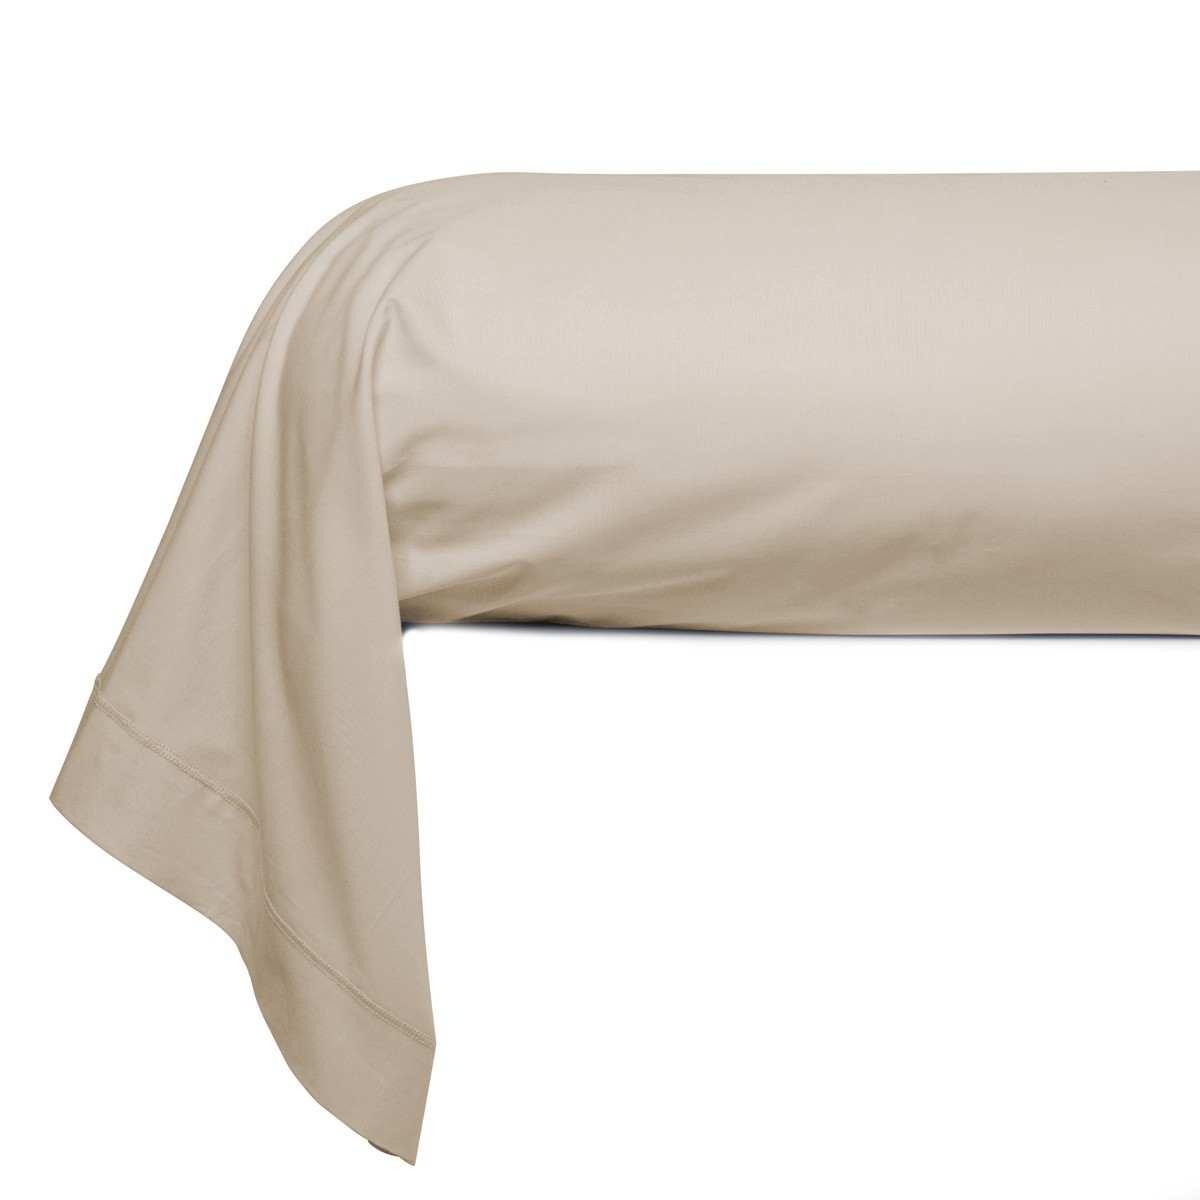 taie traversin unie percale linge de lit de qualit. Black Bedroom Furniture Sets. Home Design Ideas